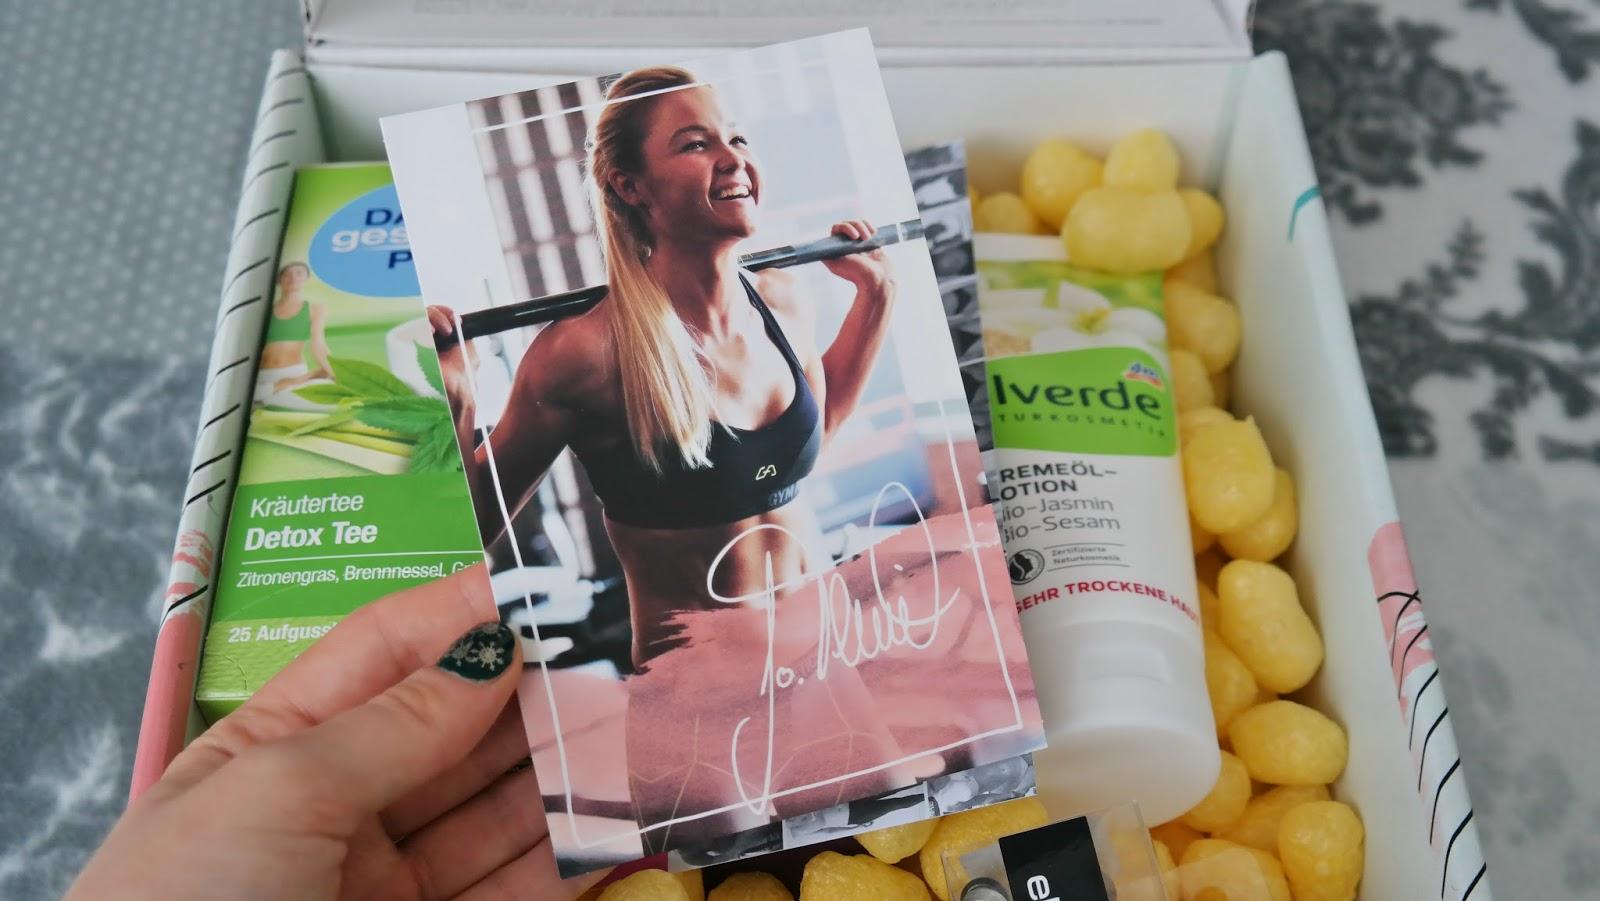 Annashines - Beautyblog: #schachtelglück bei dm   Unboxing